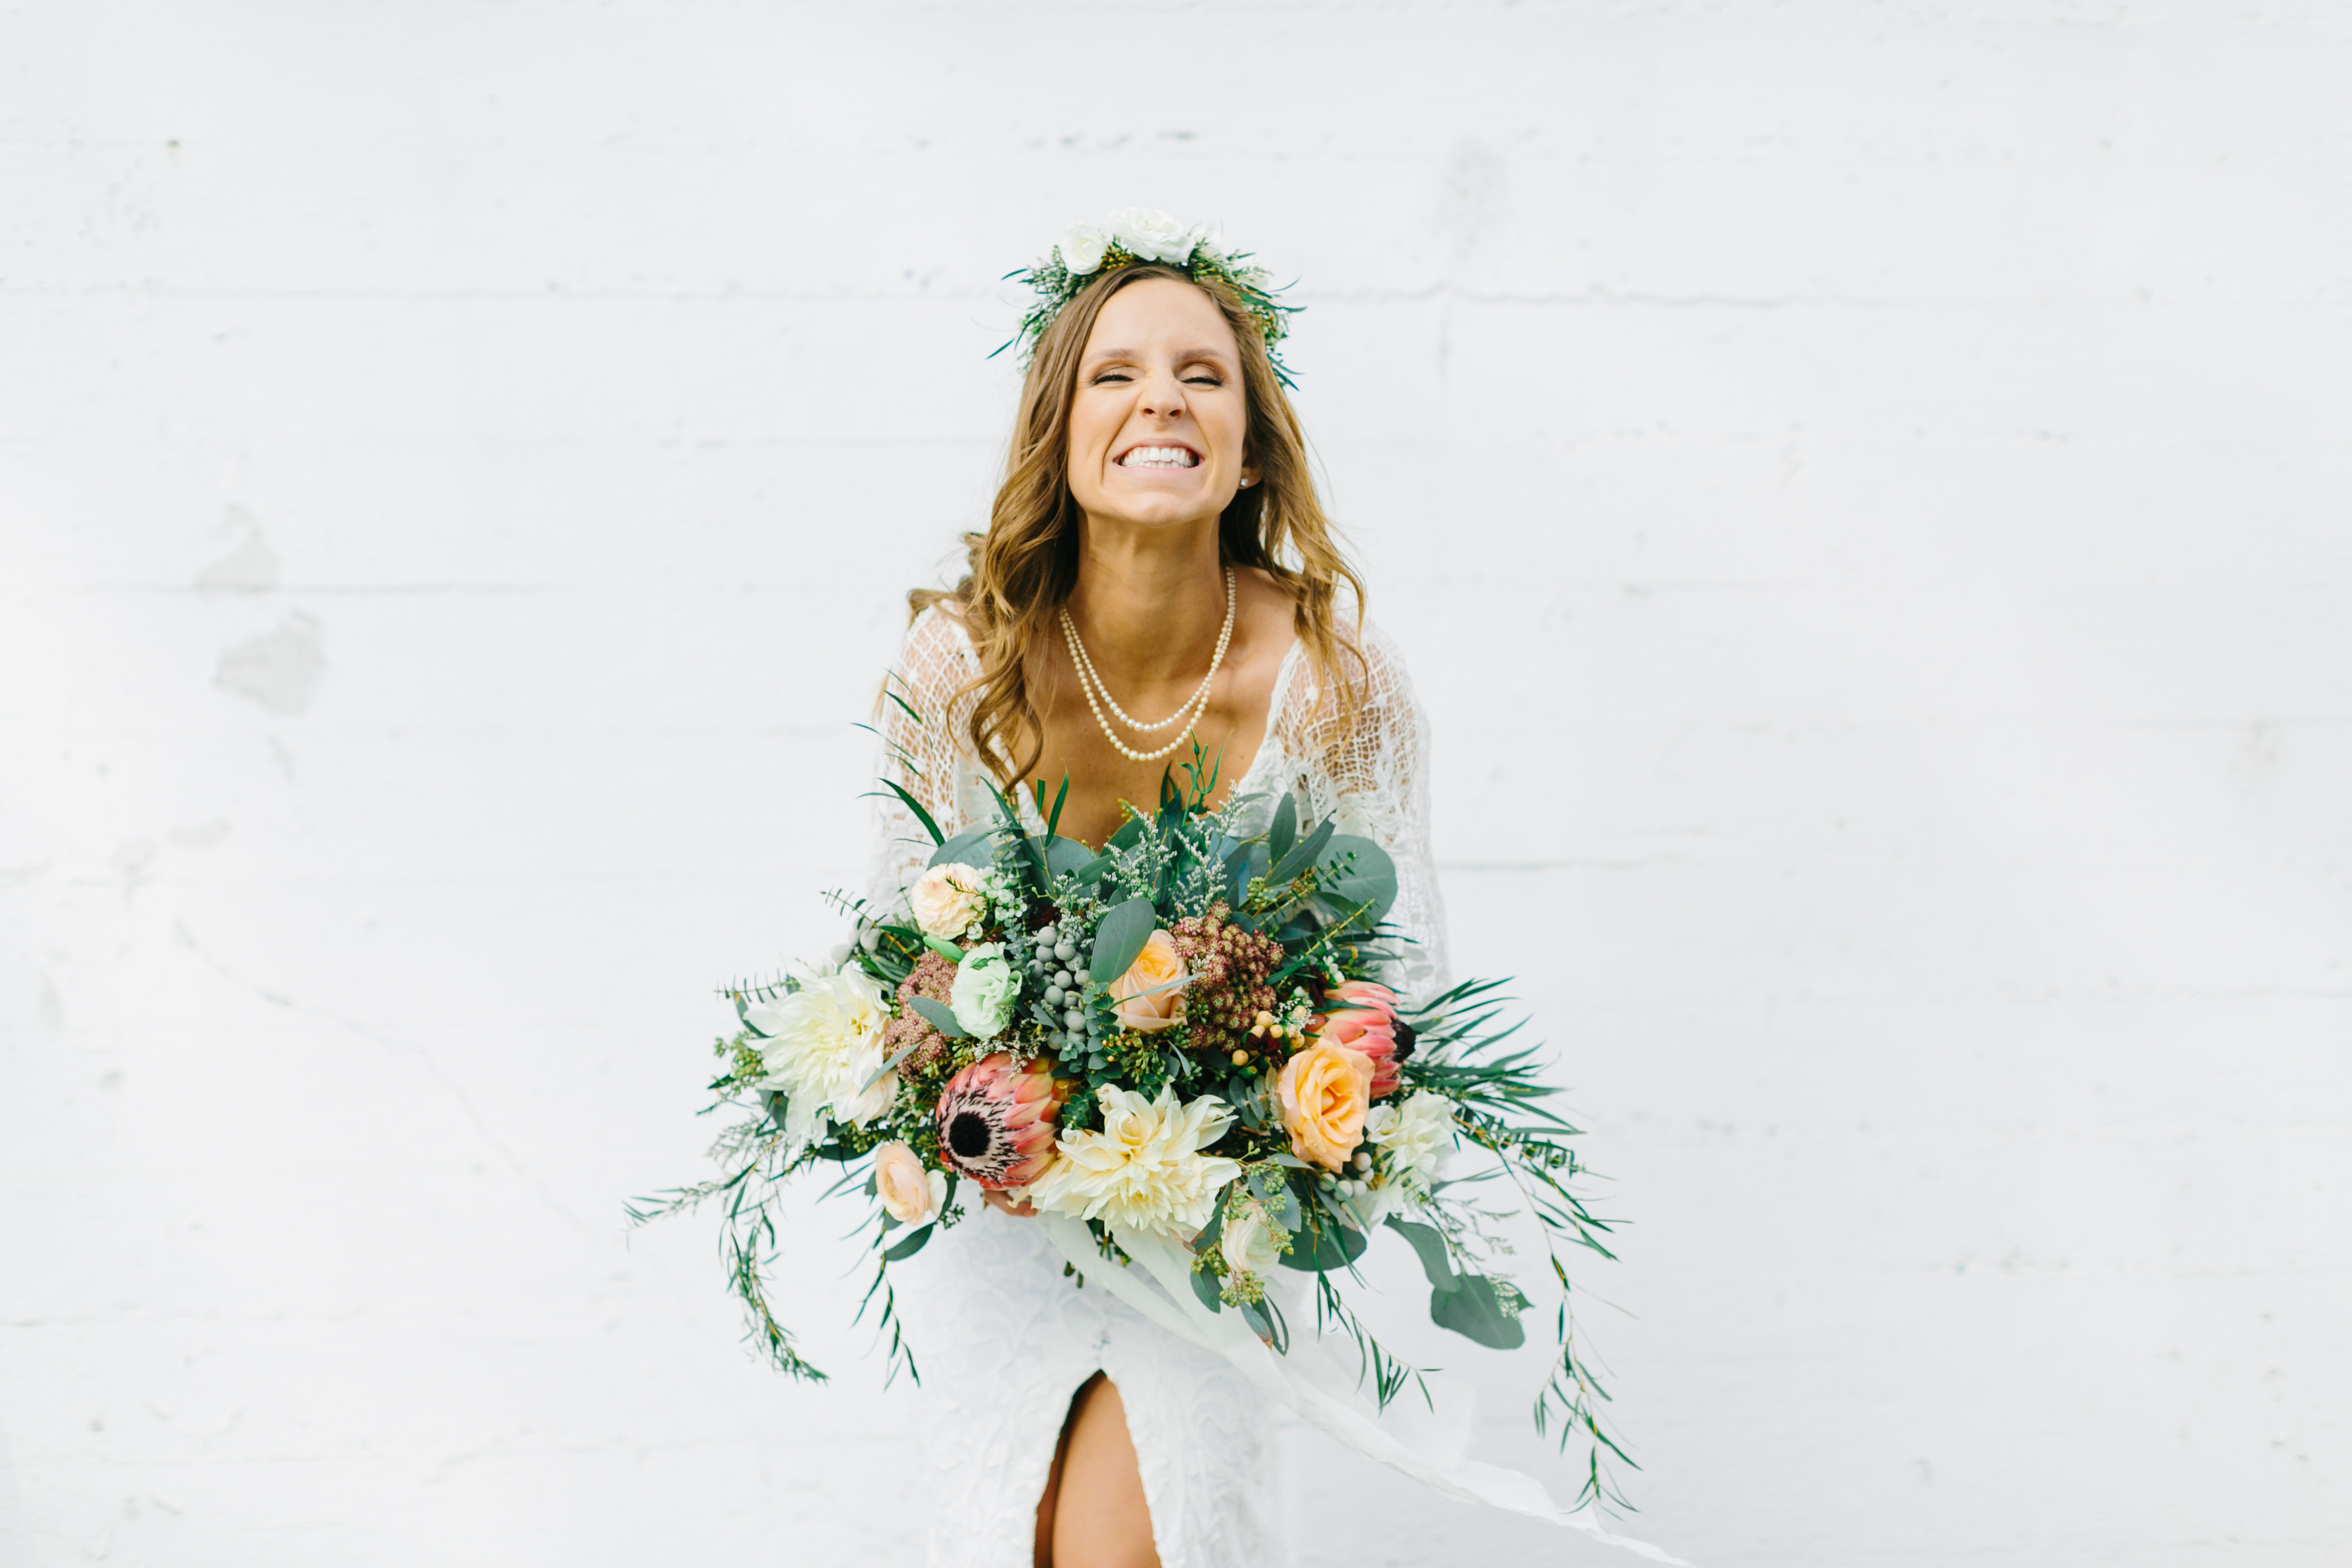 Beachy, boho chic wedding with proteas and dahlias